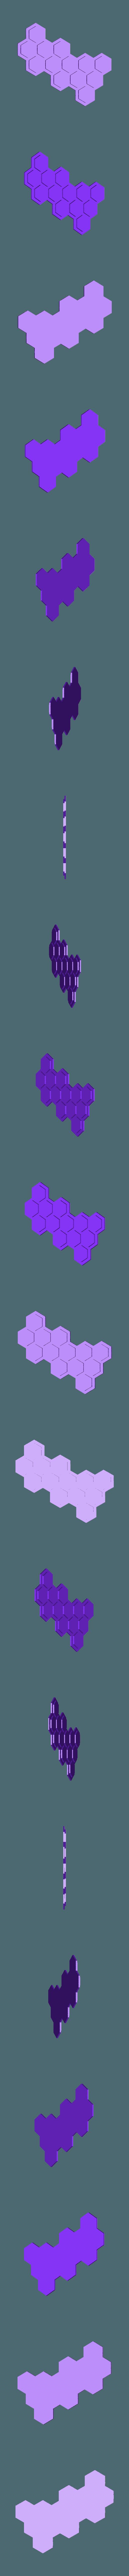 Deco_exagone_2.STL Download STL file Décoration Hexagone / nid d'abeille • 3D printing object, ZebOctets